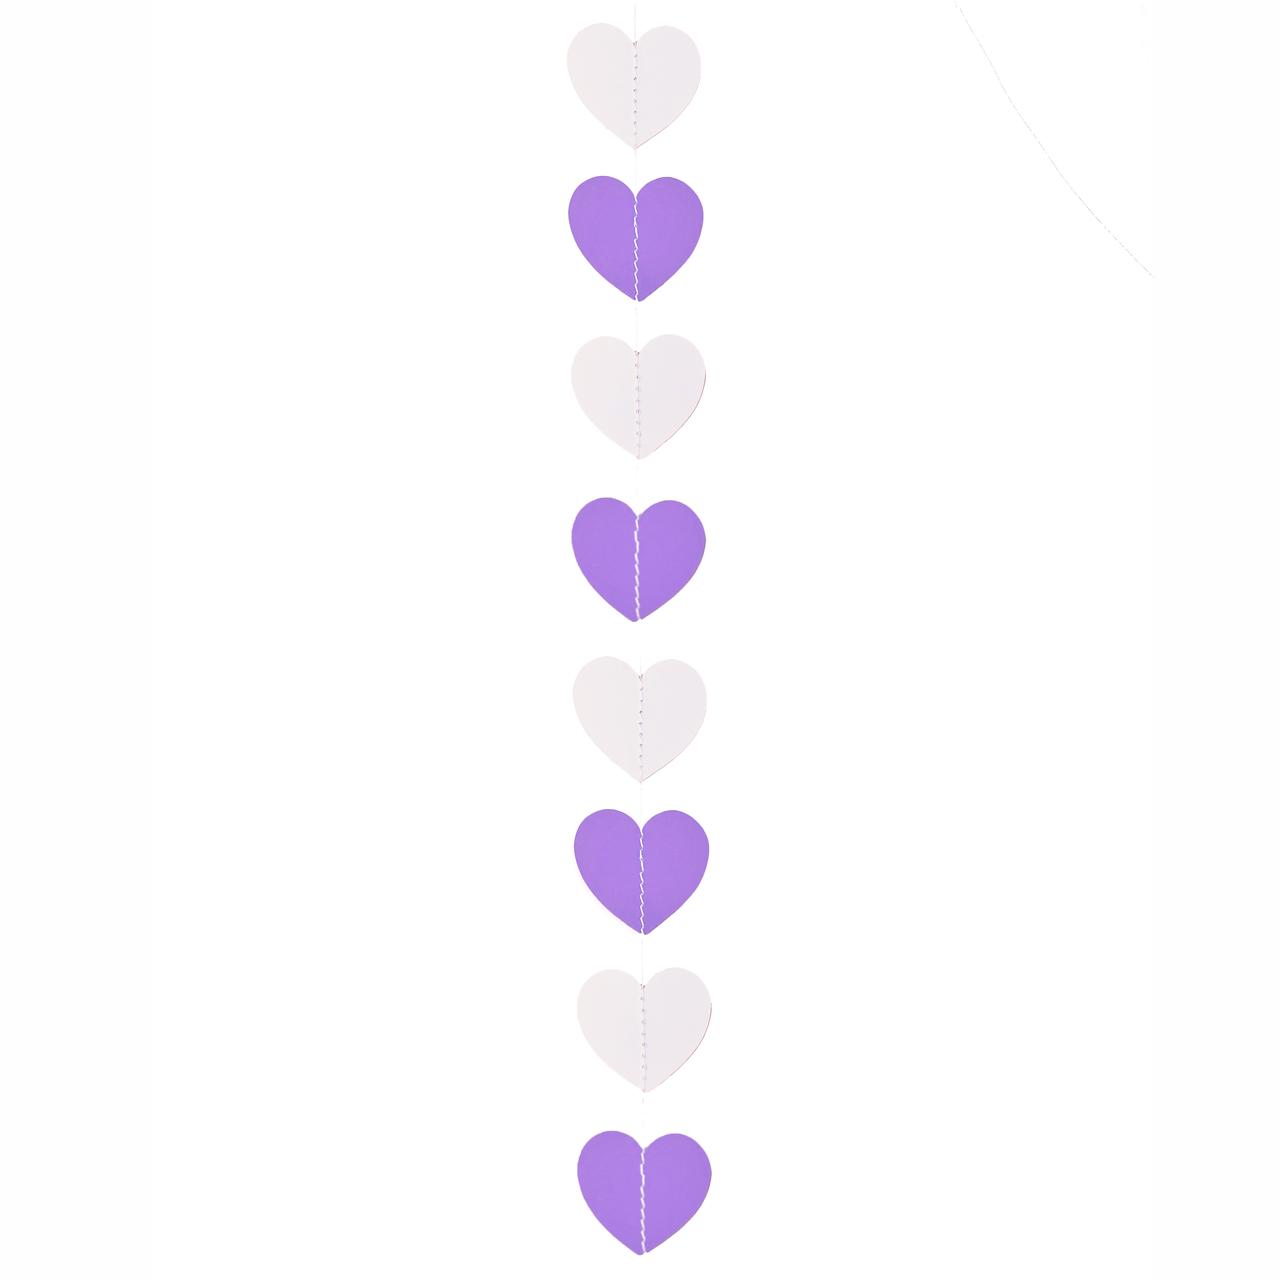 Декор: Гірлянда картон плоска білі і бузкові серця 1,2 м